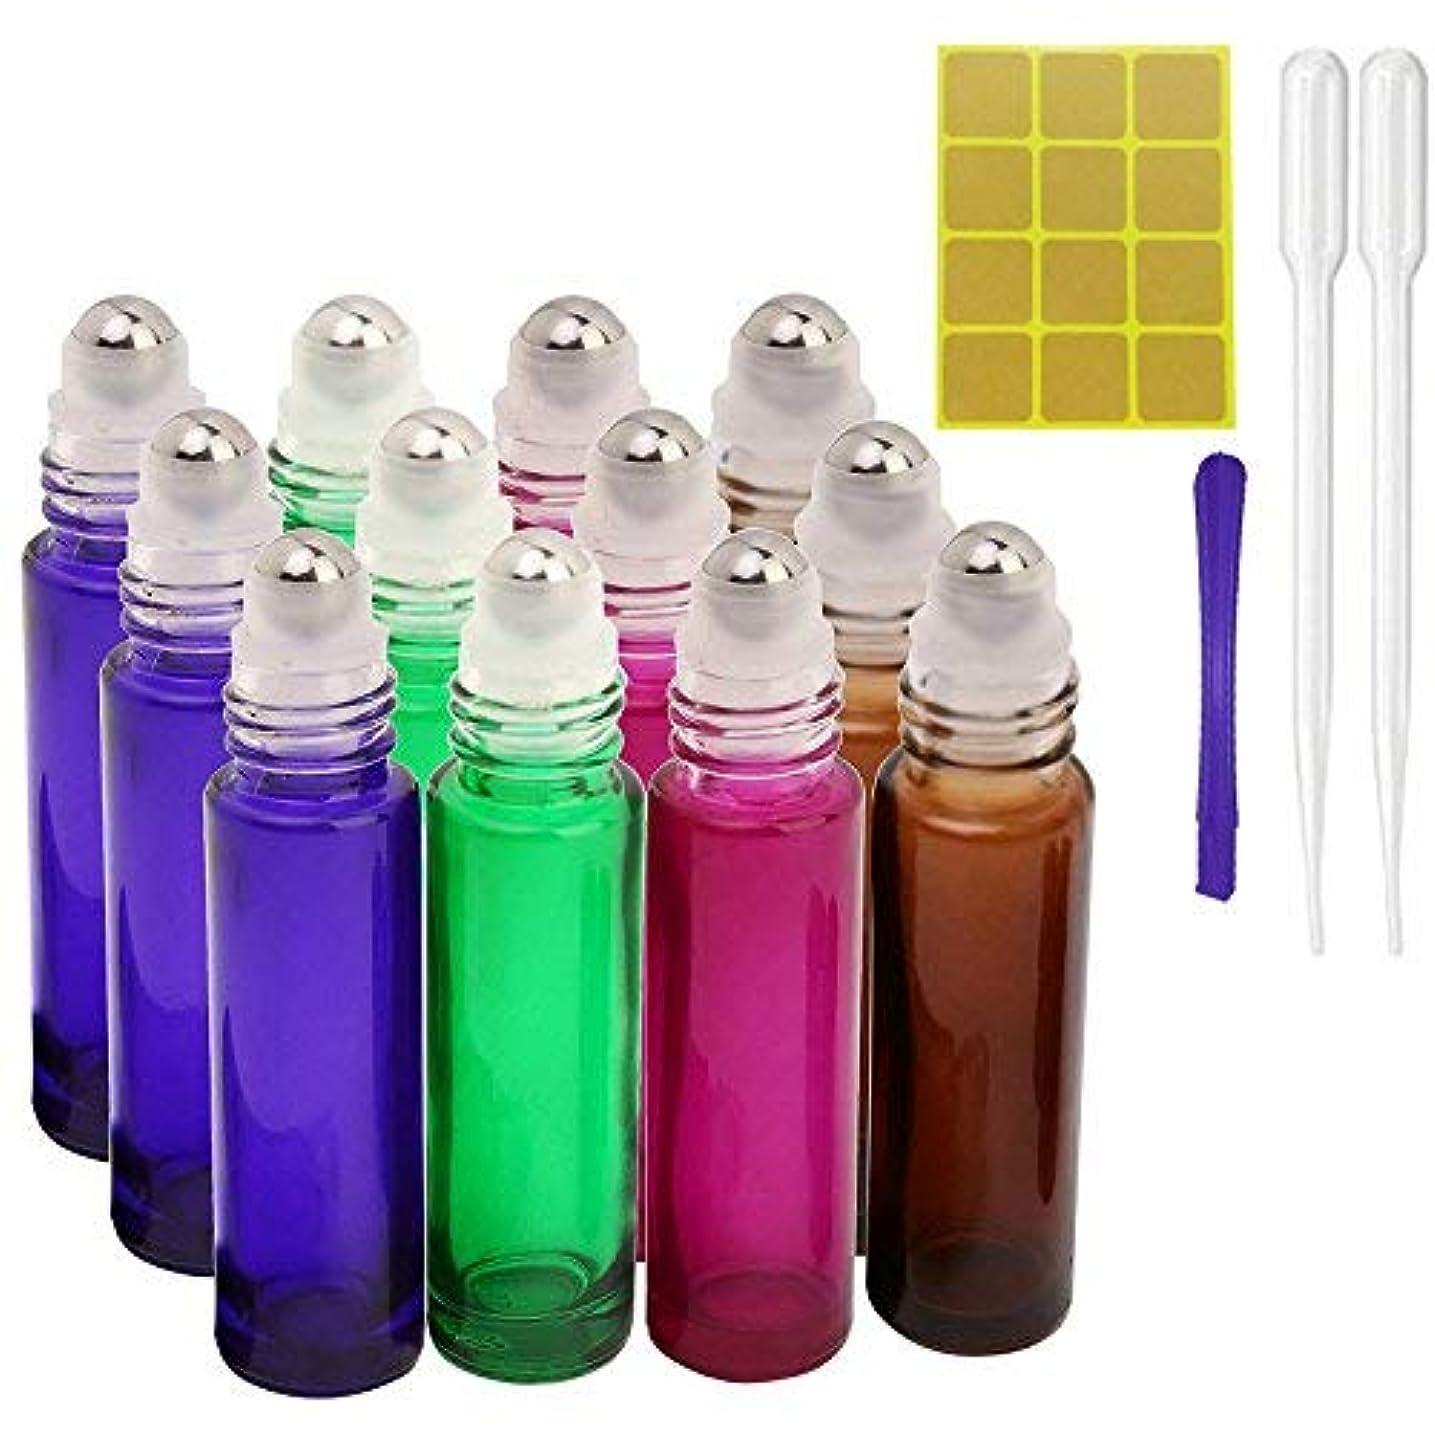 付添人エスカレーター消化器12, 10ml Roller Bottles for Essential Oils - Glass Refillable Roller on Bottles with 1 Opener, 2 Droppers, 24...